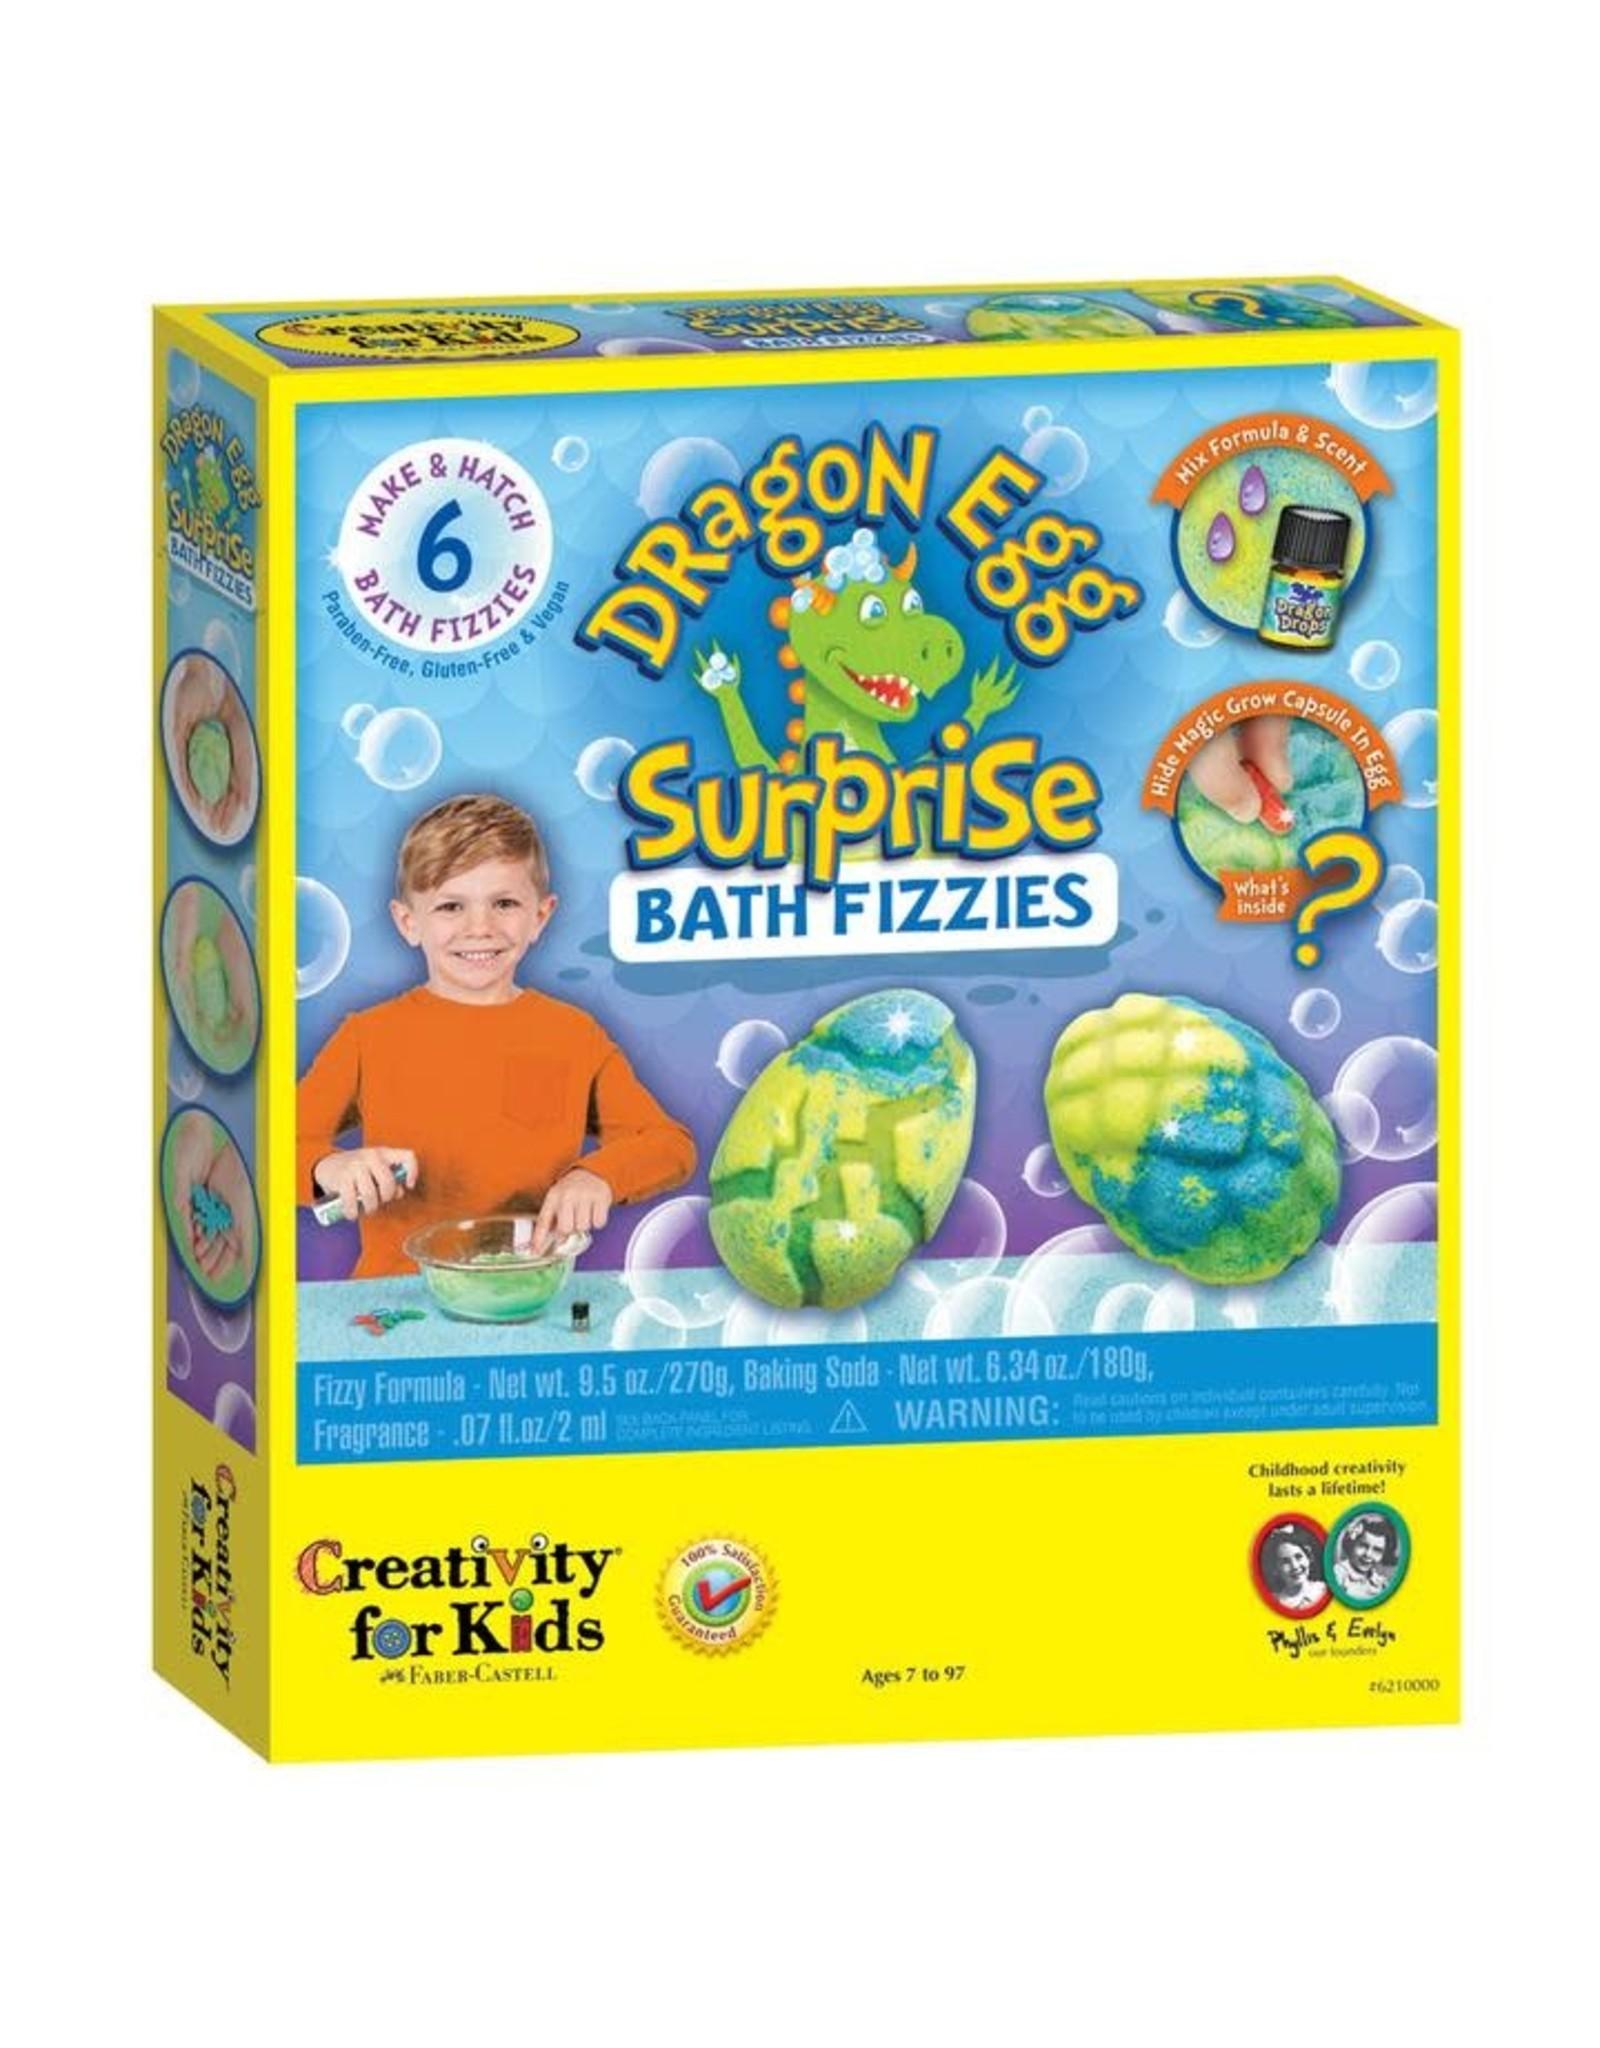 Creativity For Kids Dragon Egg Surprise Bath Fizzies